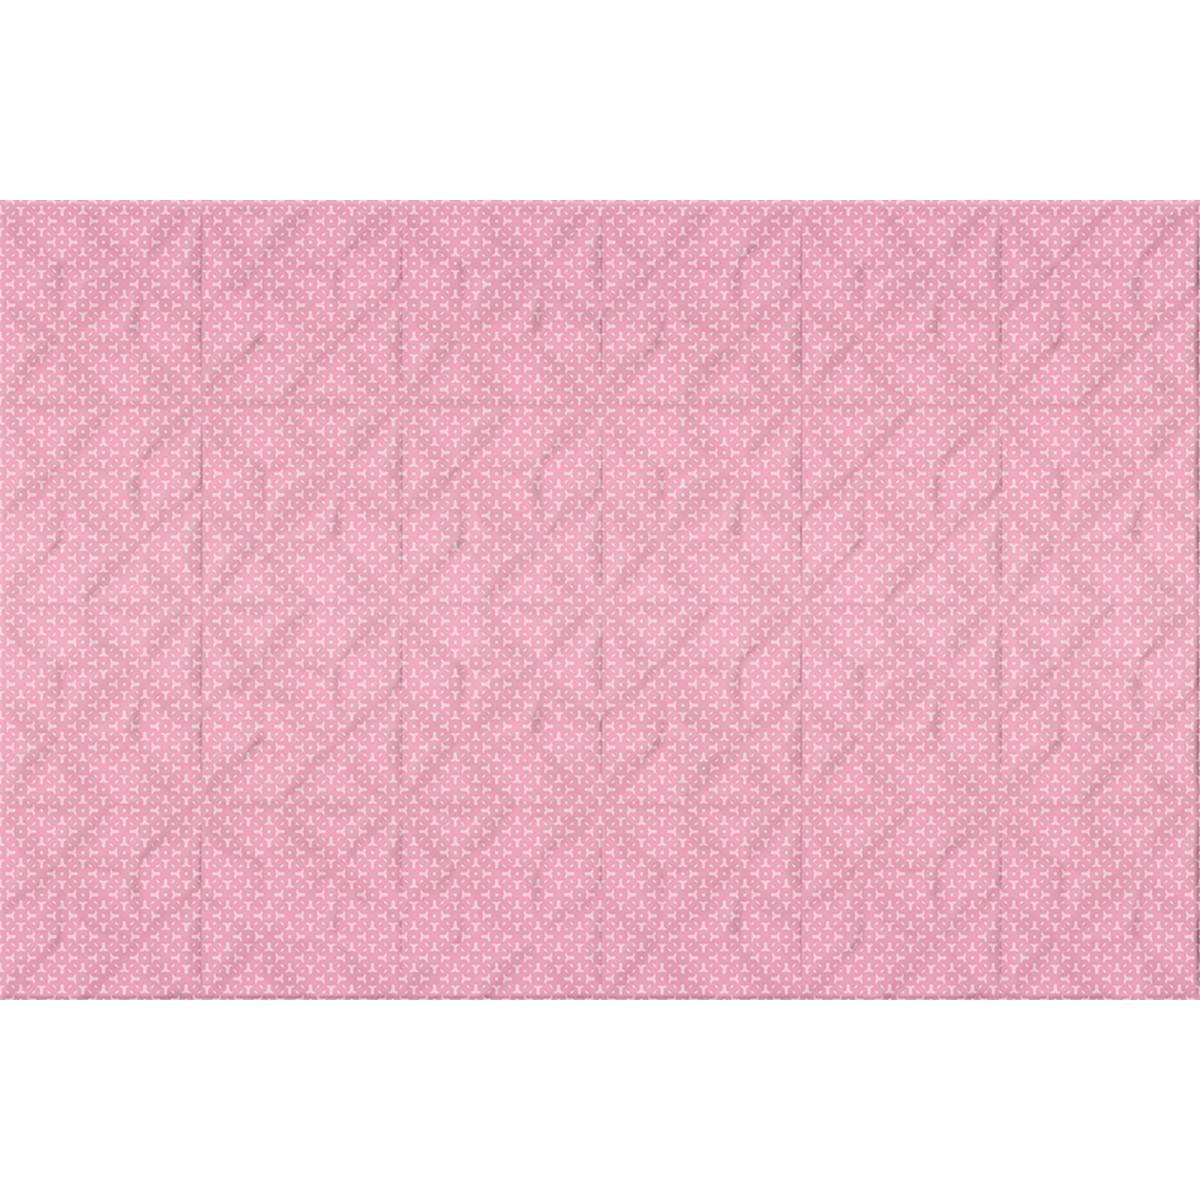 Плитка настенная Aster 30х45 см 1.35 м2 цвет розовый